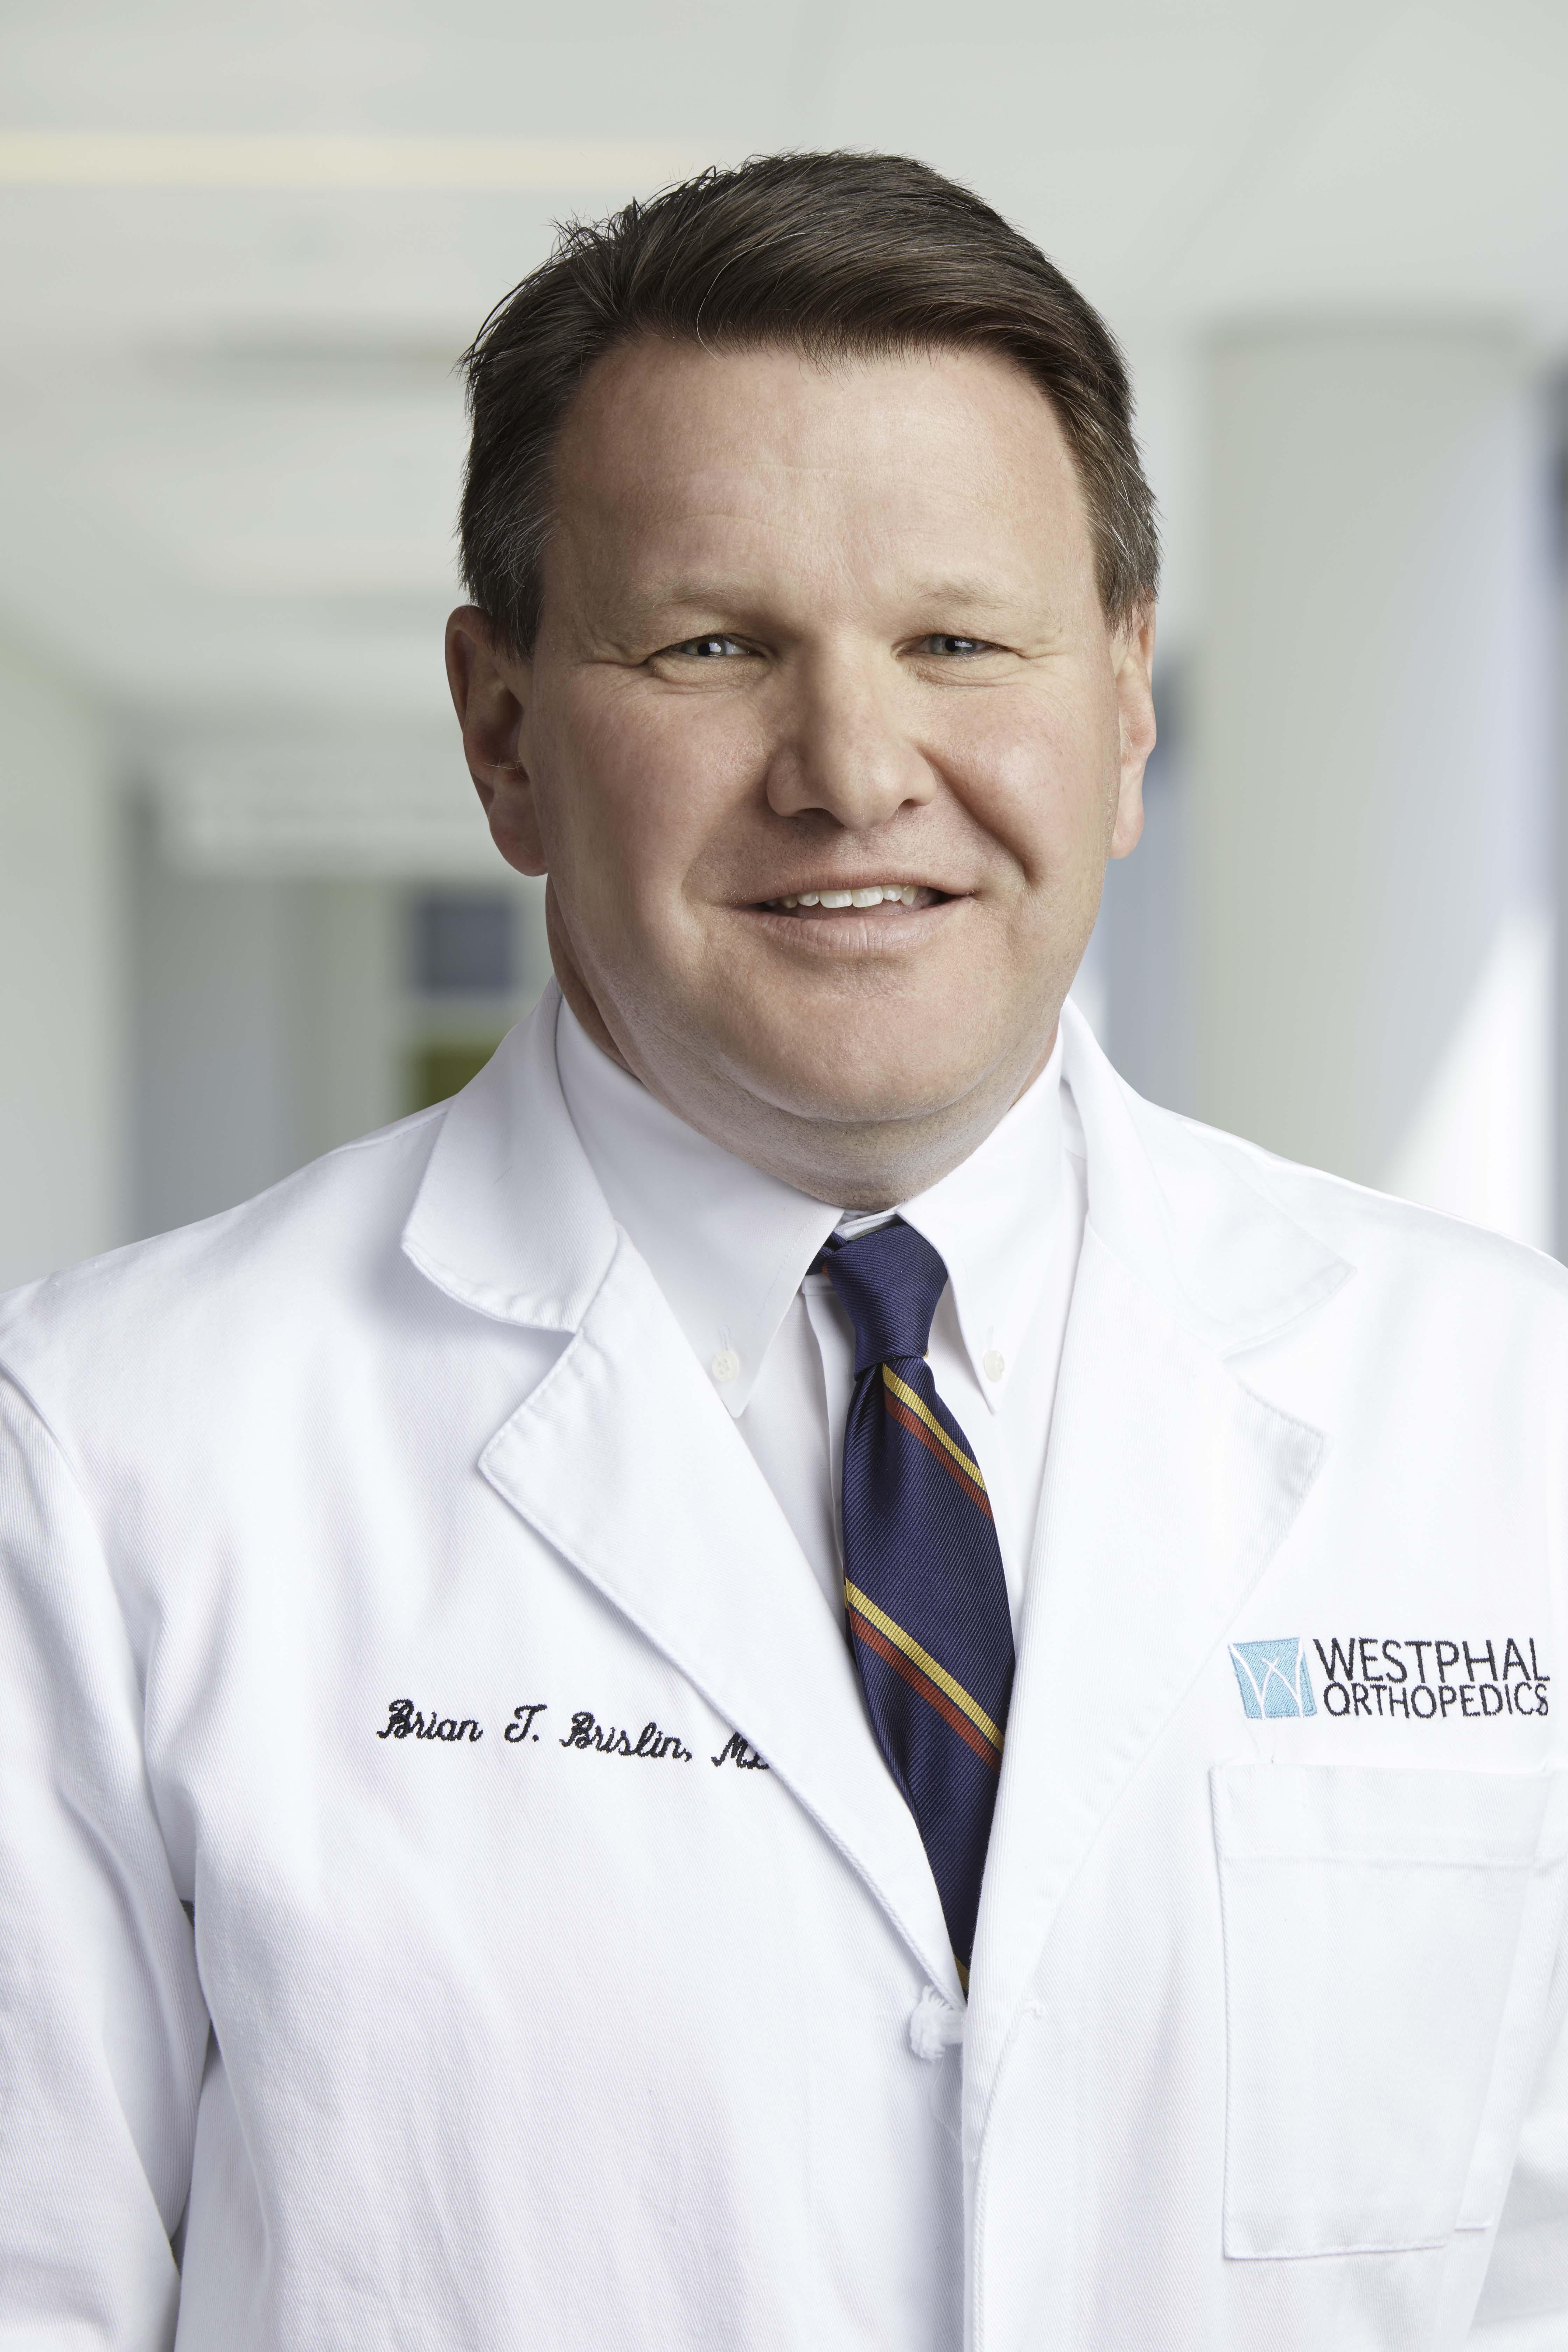 Brian T. Brislin, MD